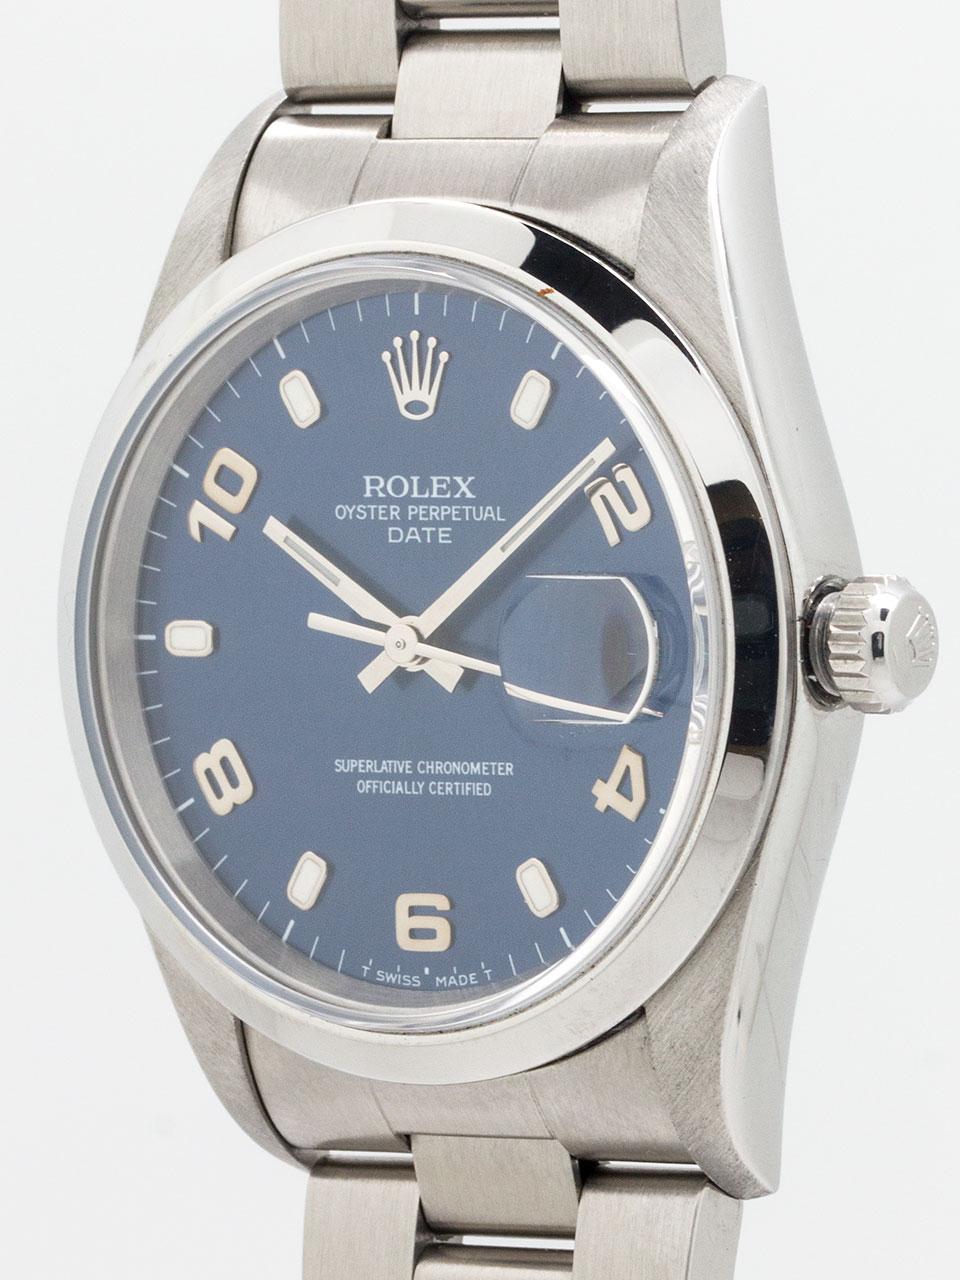 Rolex Oyster Perpetual Date ref 15200 circa 1998